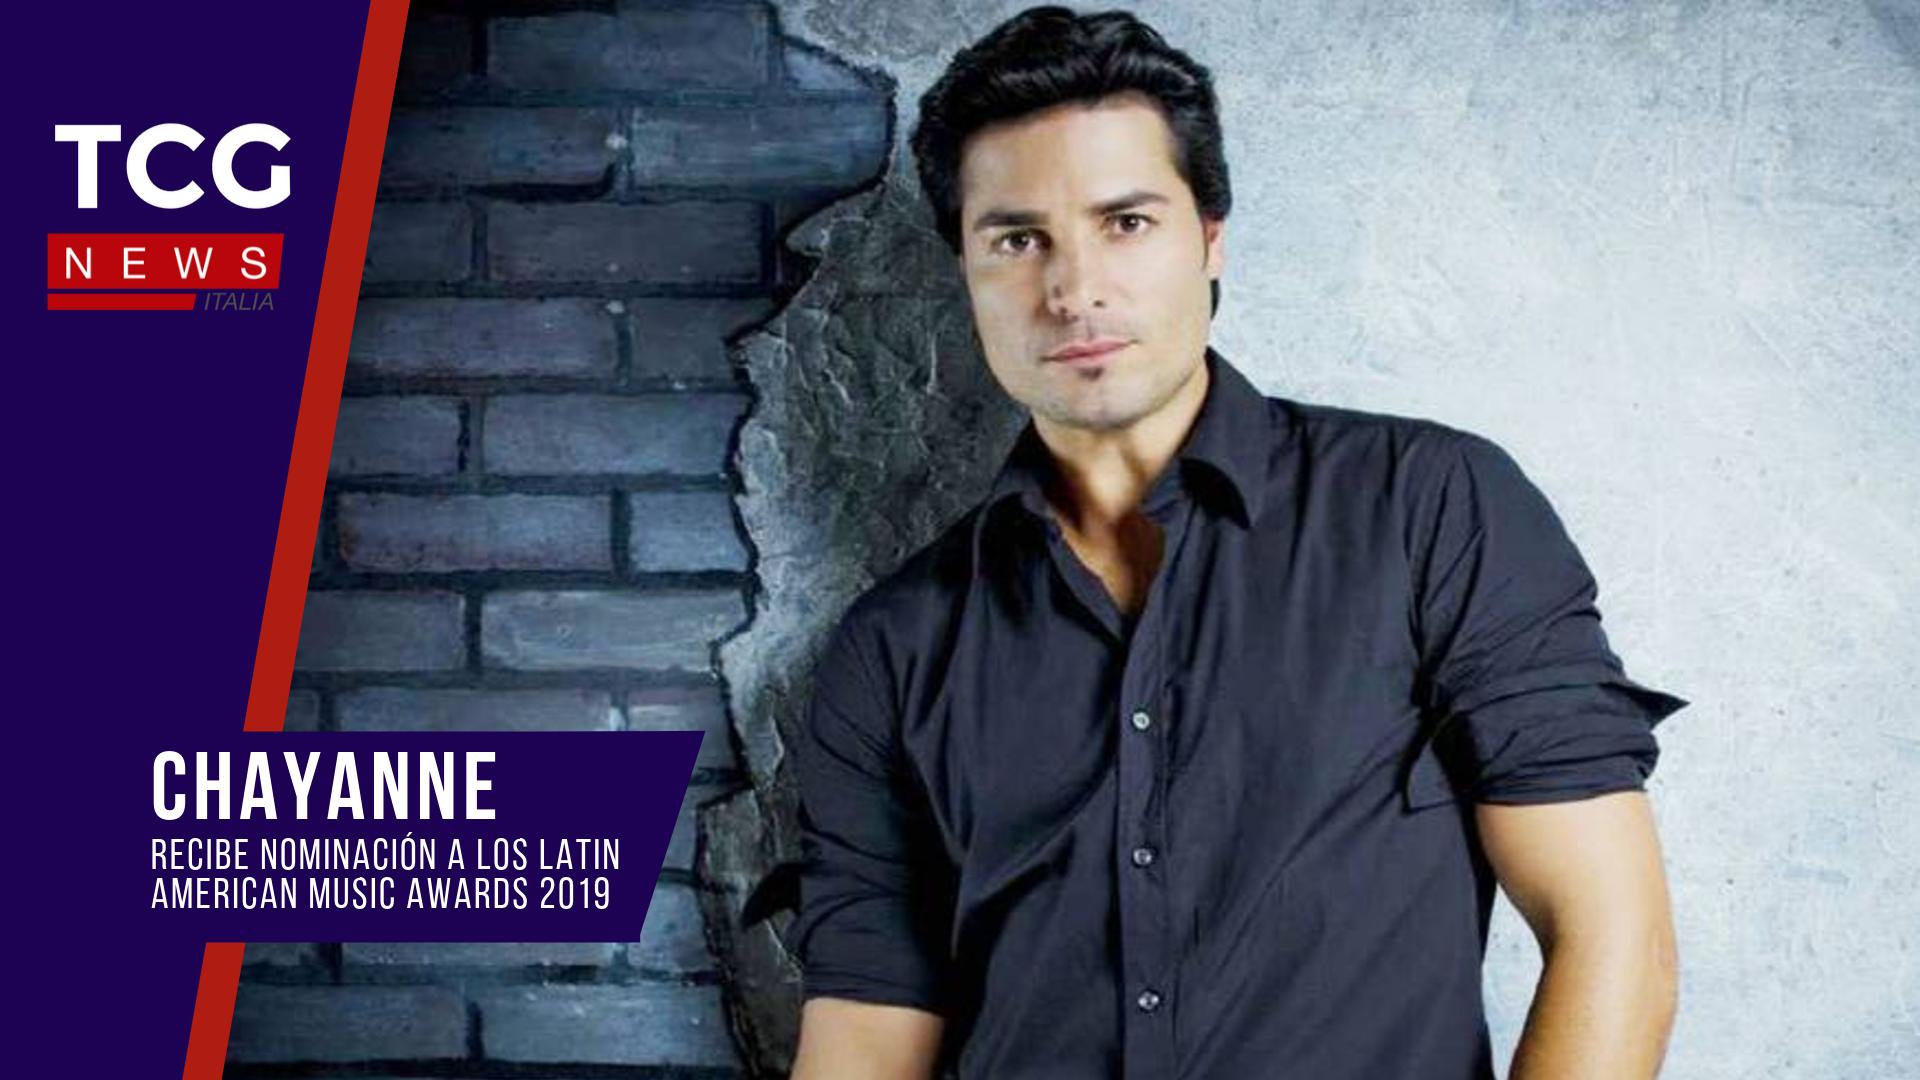 CHAYANNE RECIBE NOMINACIÓN A LOS LATIN AMERICAN MUSIC AWARDS 2019